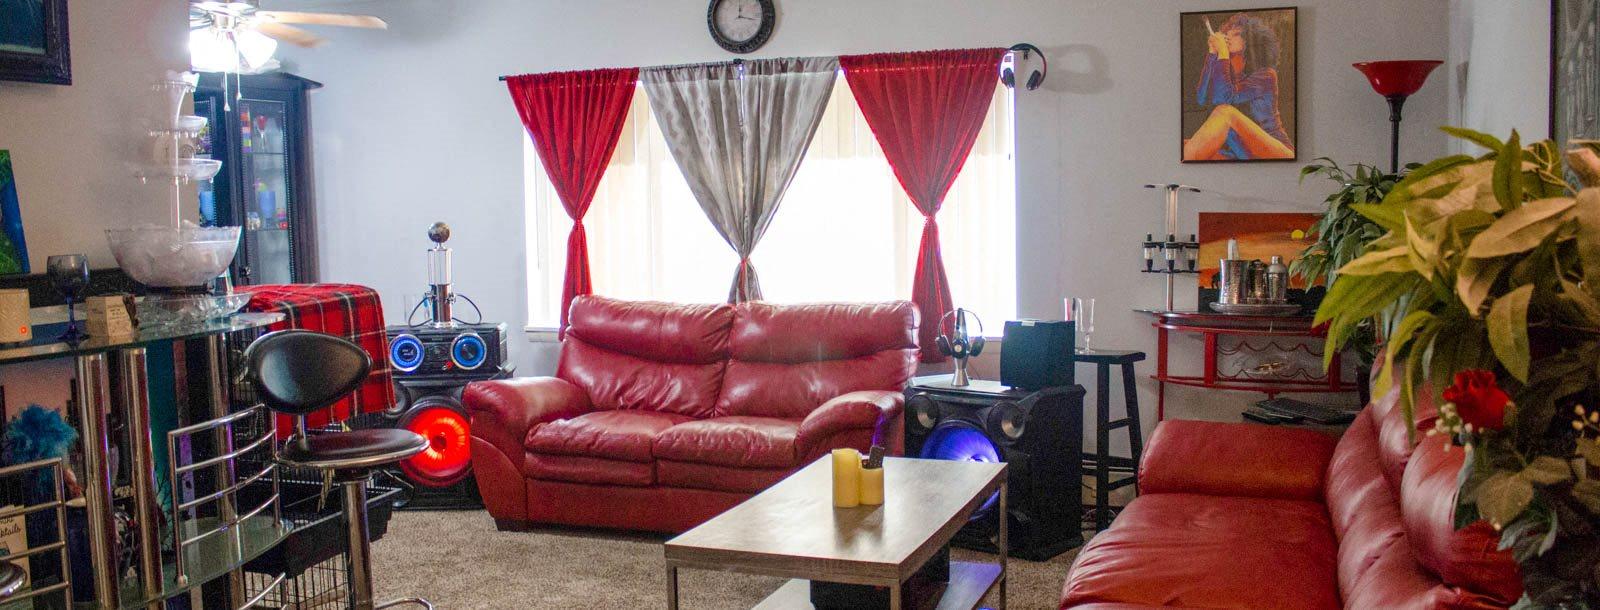 Maple Eastlake Apartments homepagegallery 5